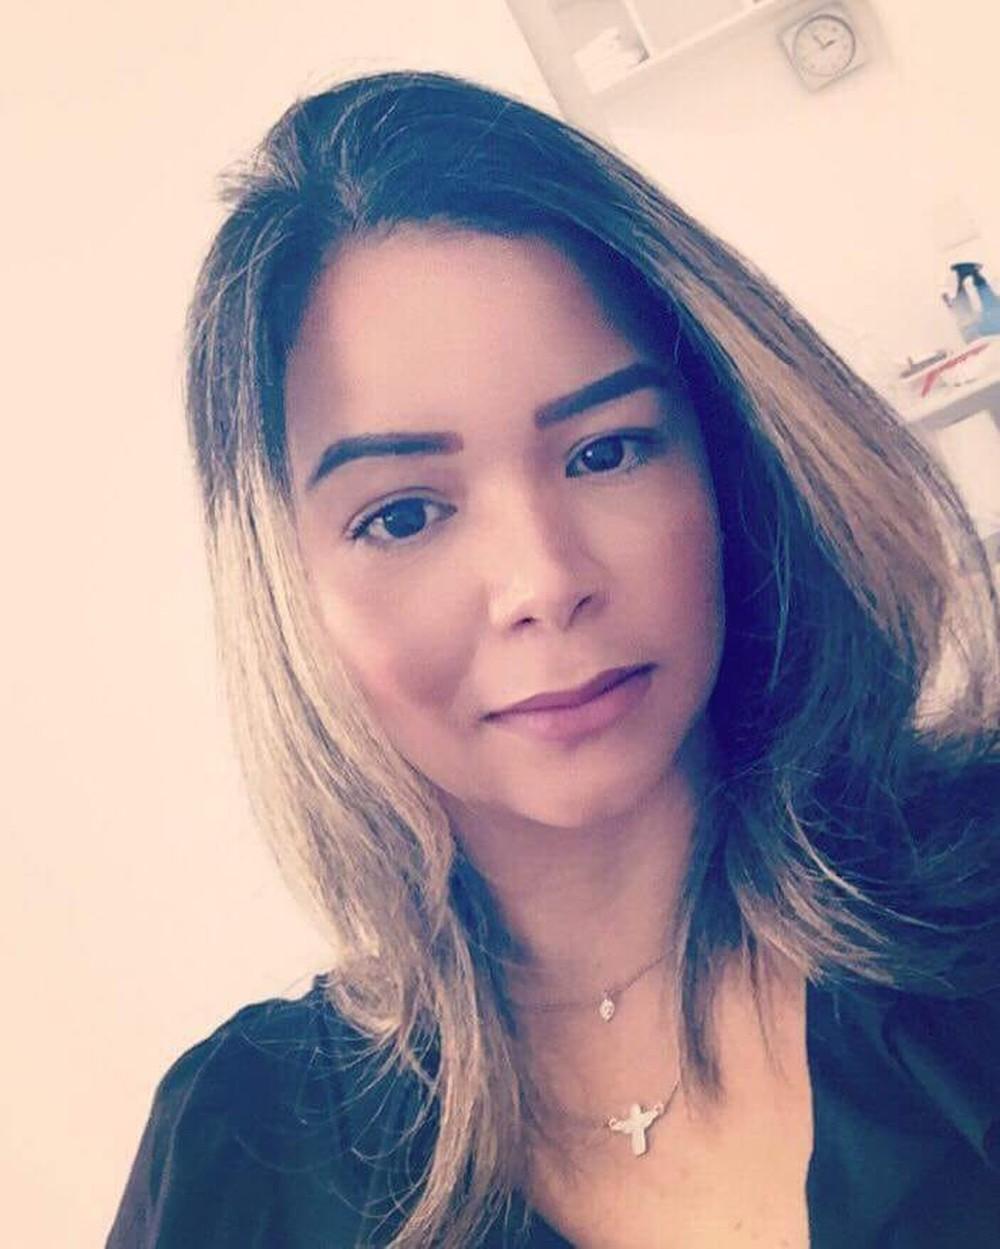 Mulher morre depois de lipoaspiração e plástica nos seios em Cuiabá e polícia abre inquérito para investigar o caso